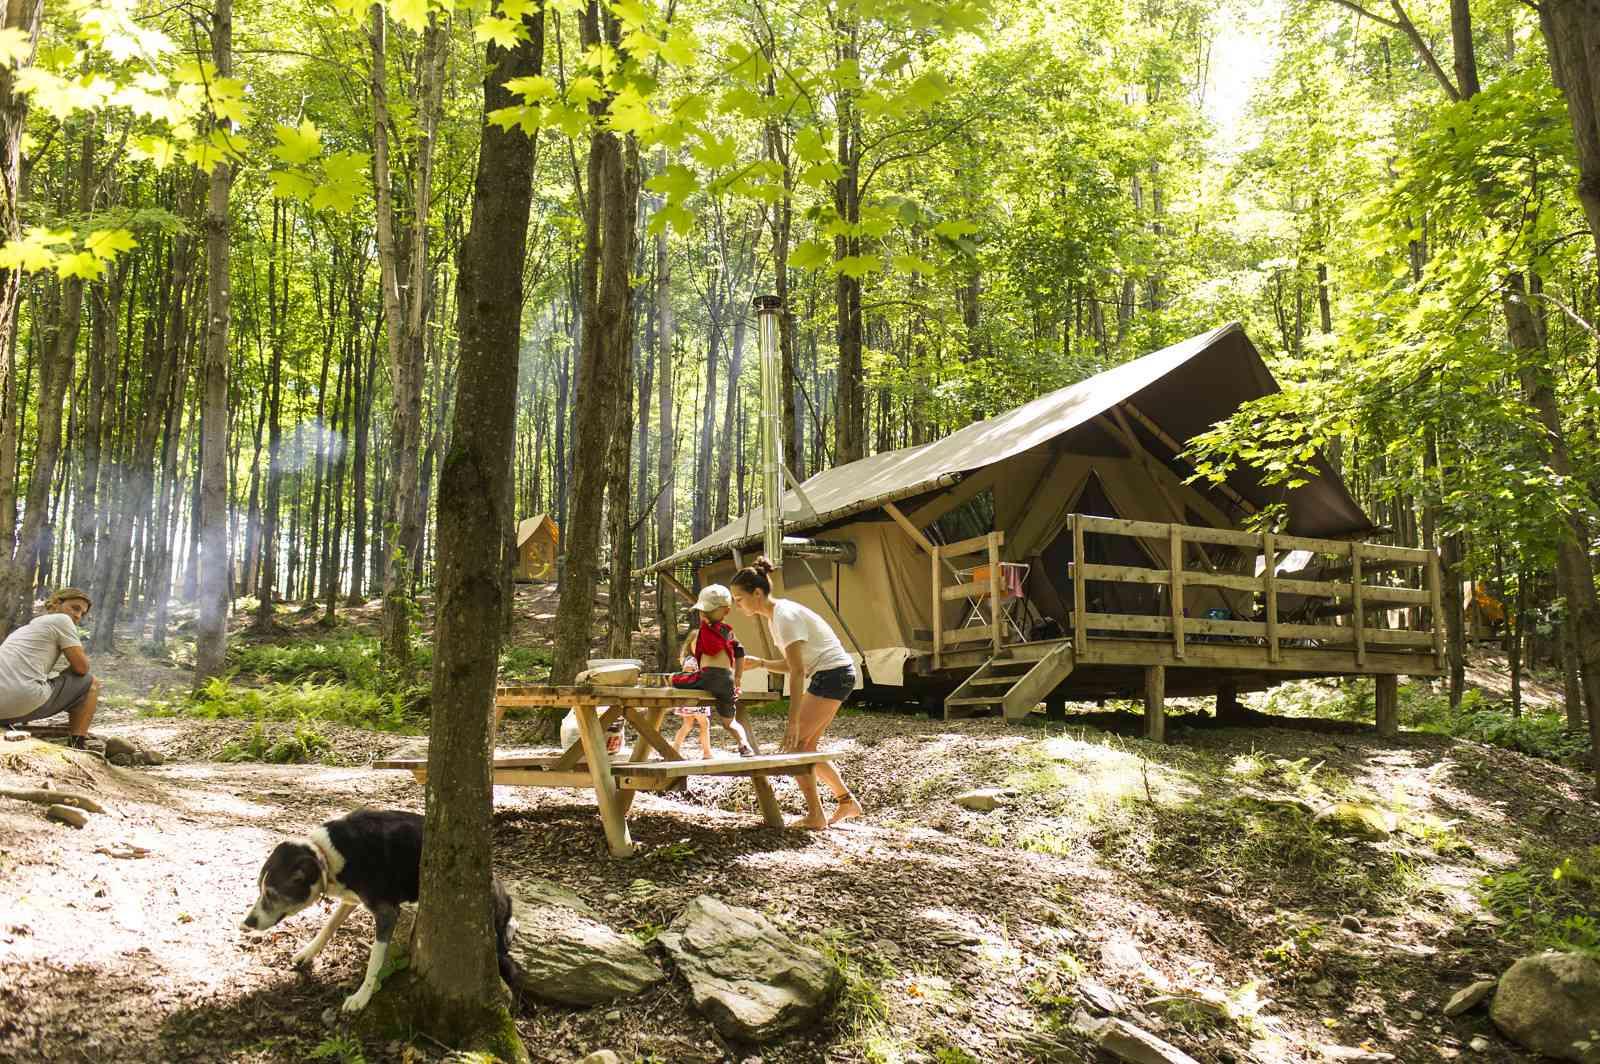 Huttopia Adirondacks